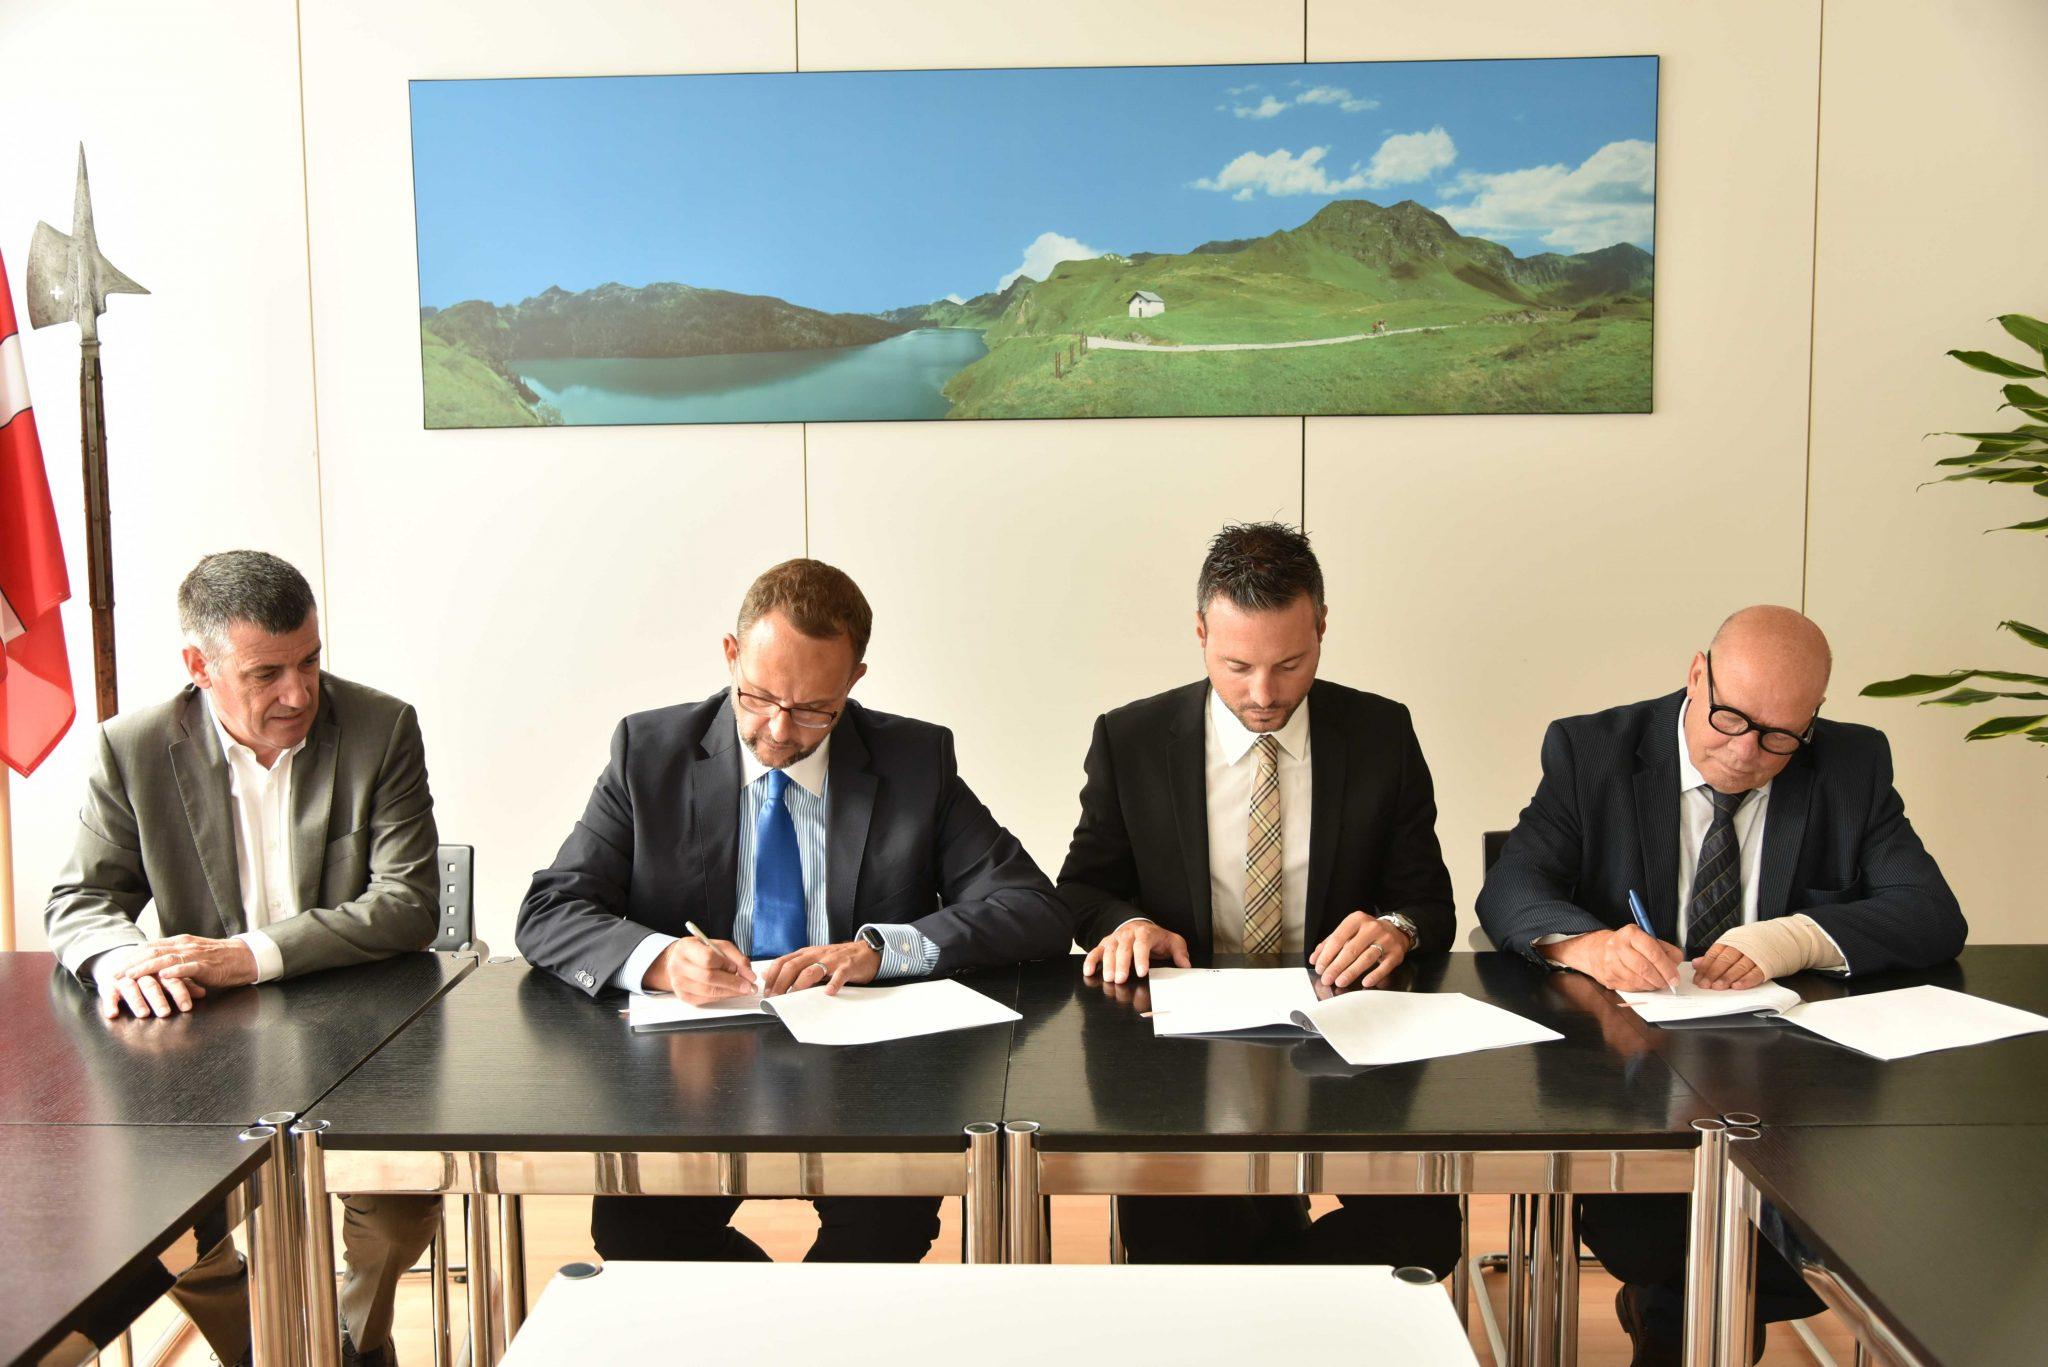 Nuova convenzione fra la Sezione della circolazione e l'Unione professionale svizzera dell'automobile